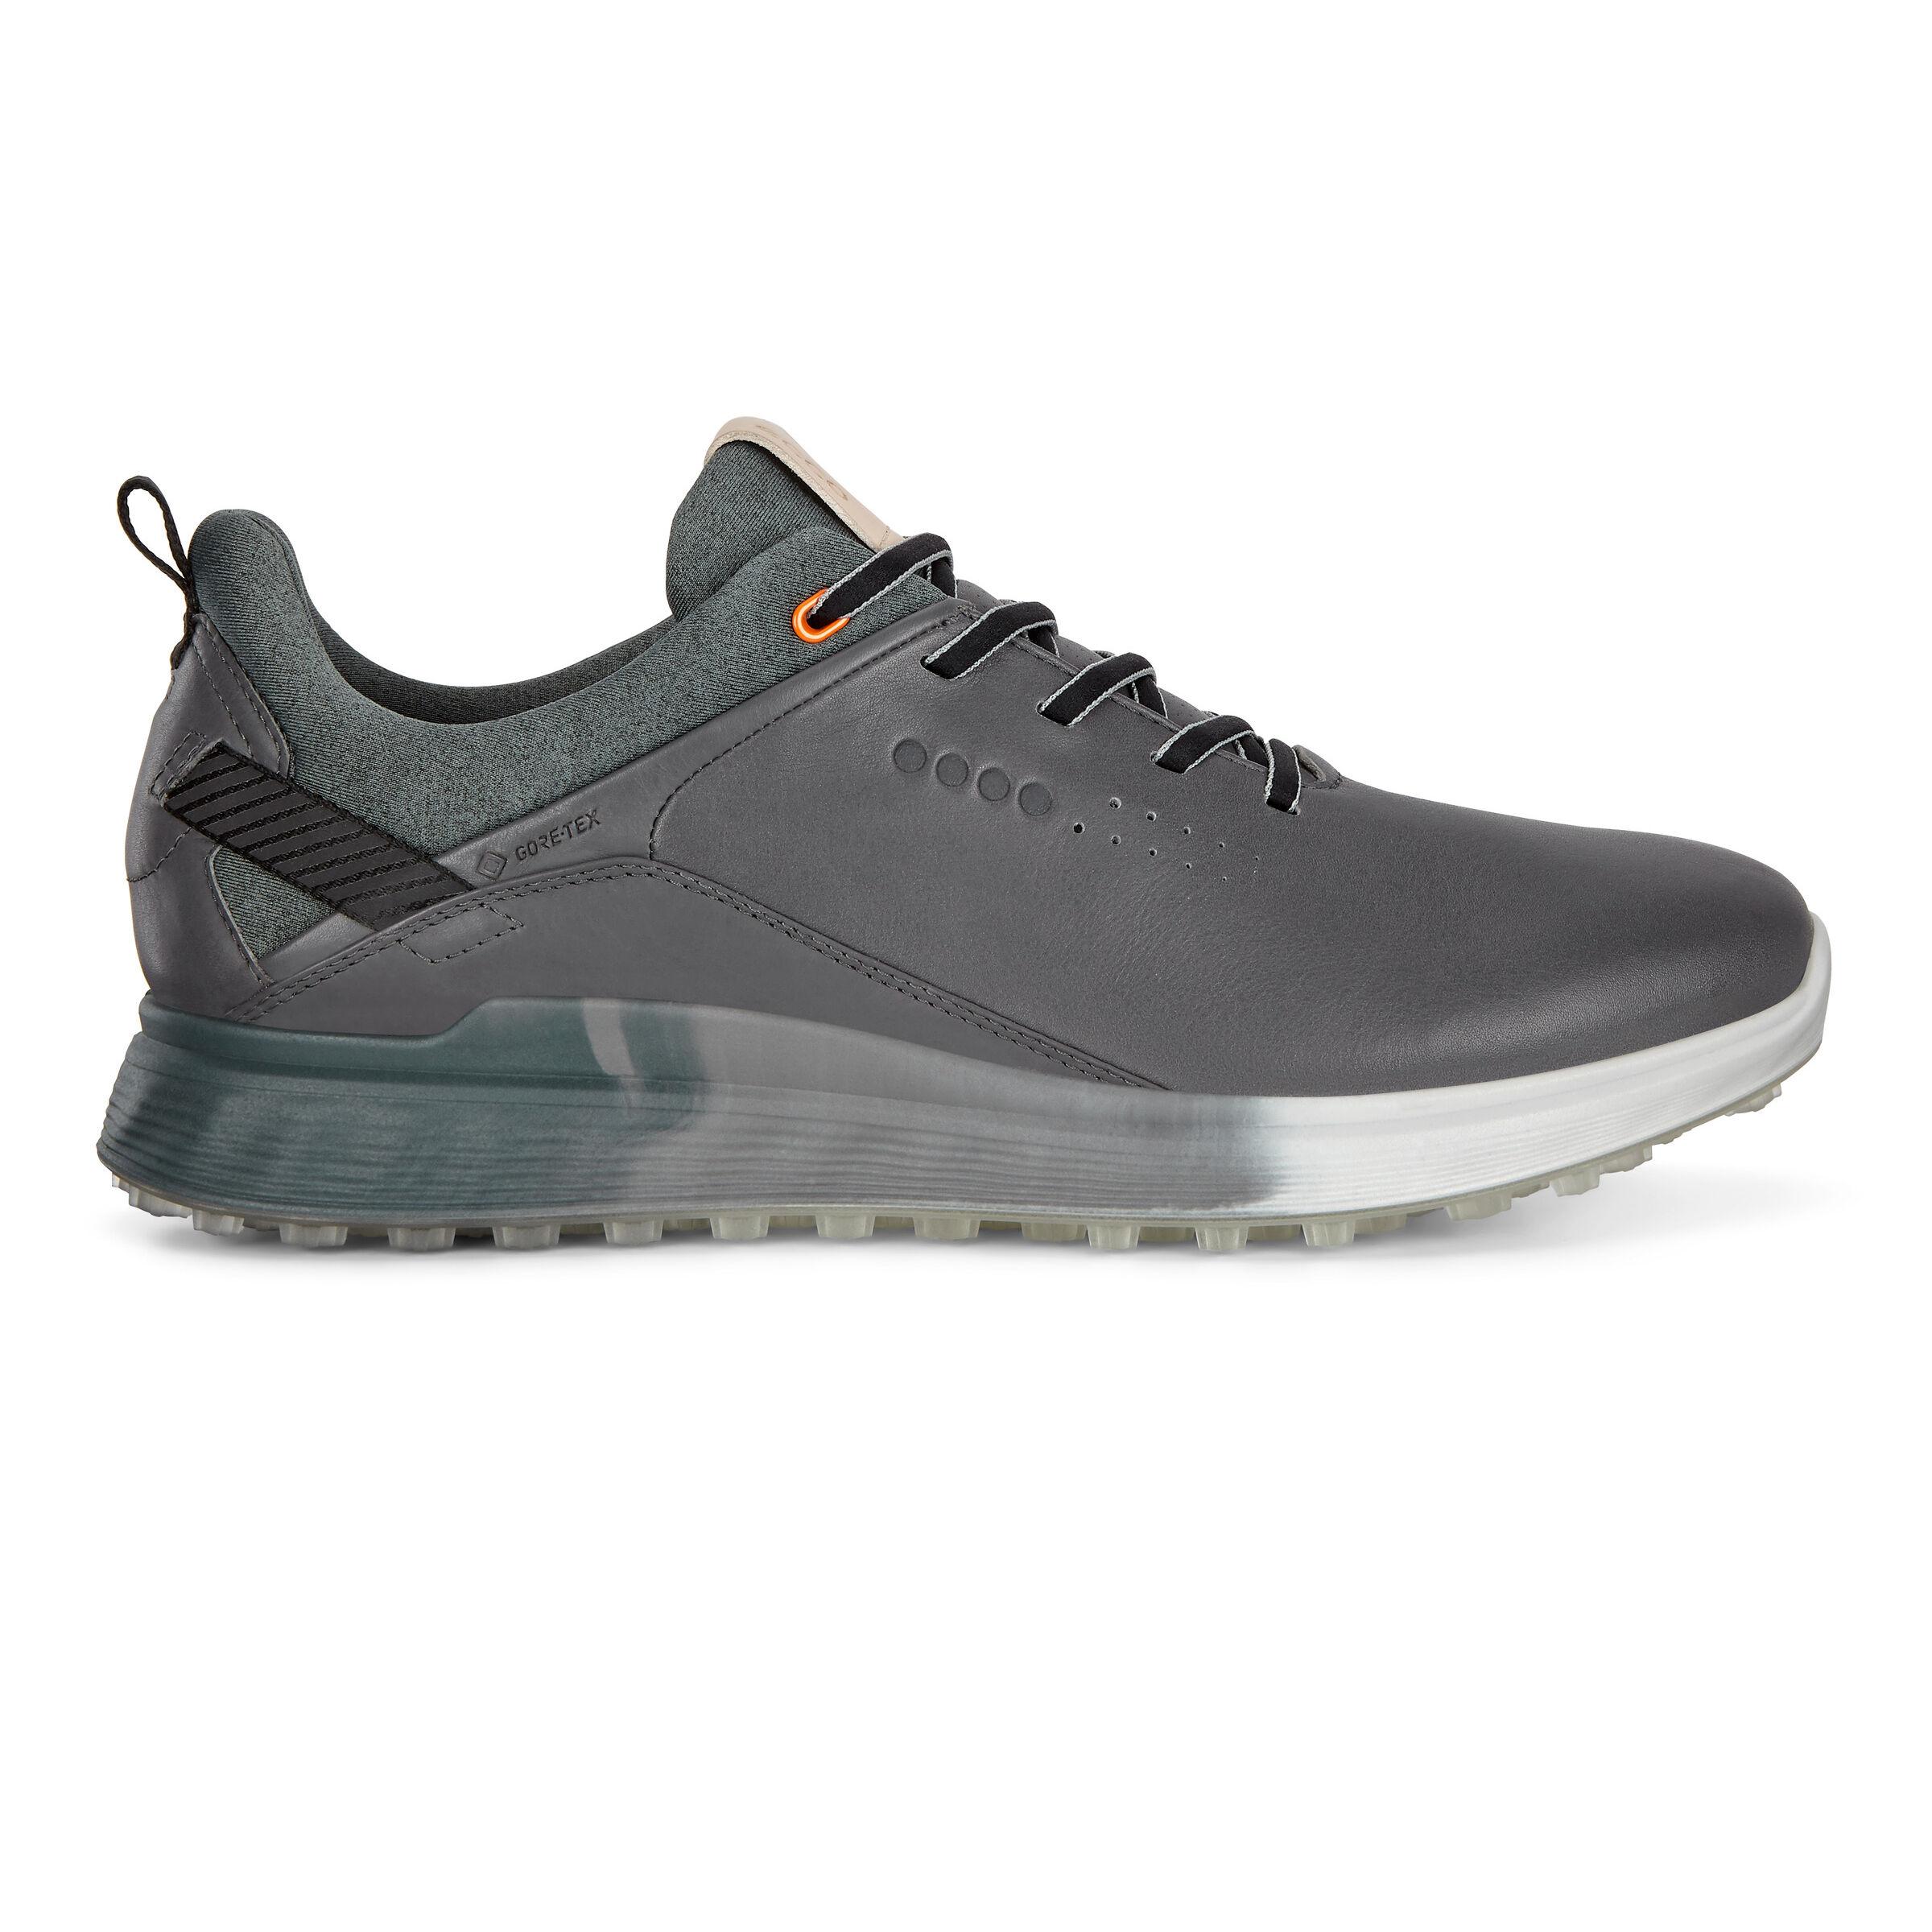 ecco sneakers men